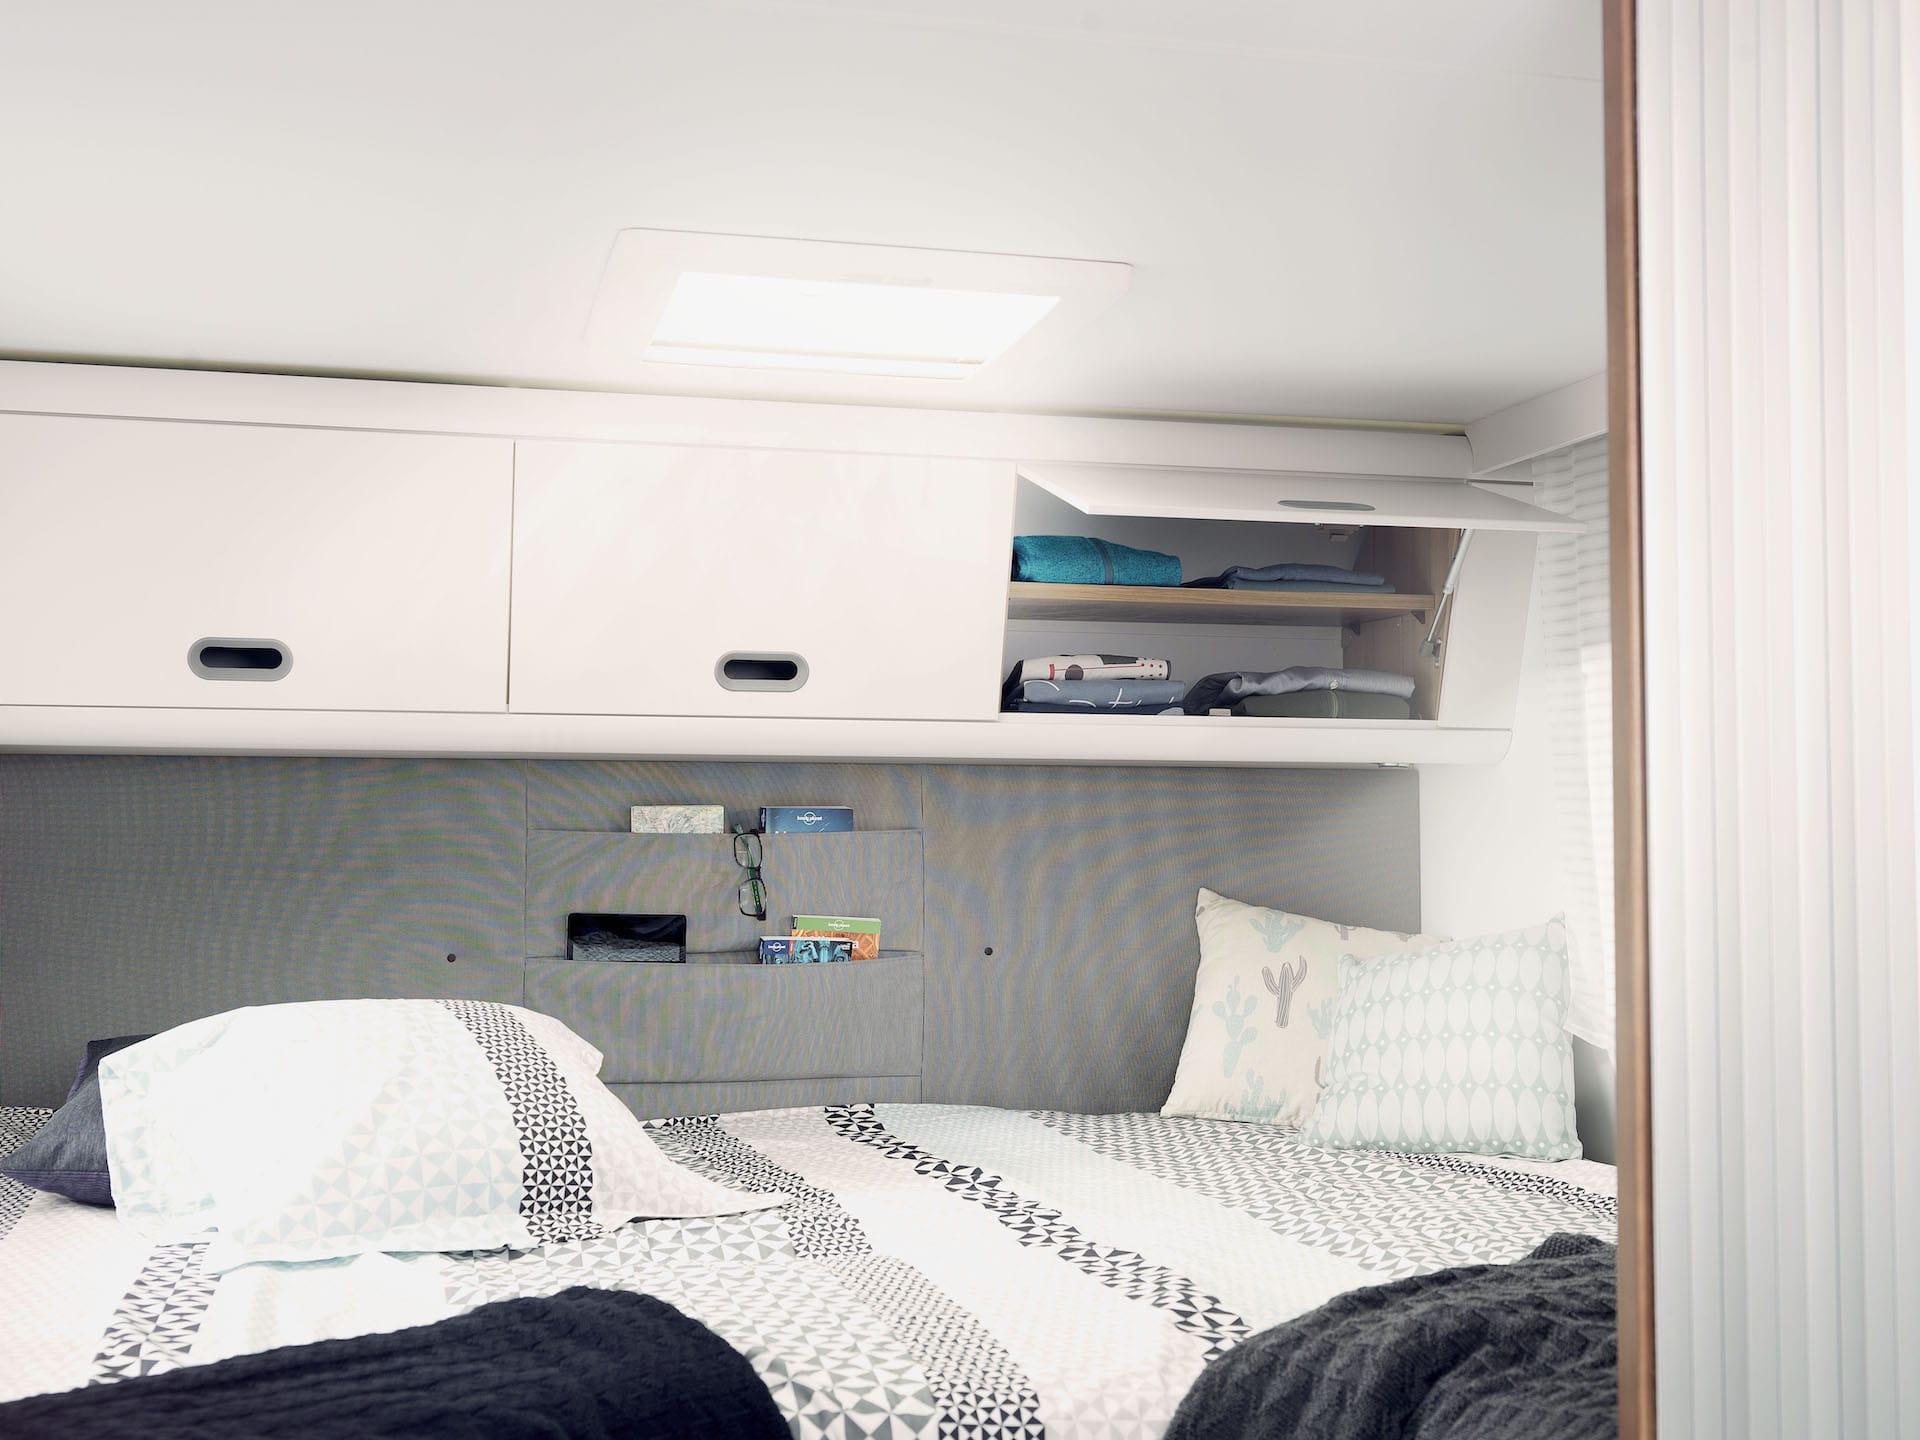 Bettbereich mit Aufbewahruung